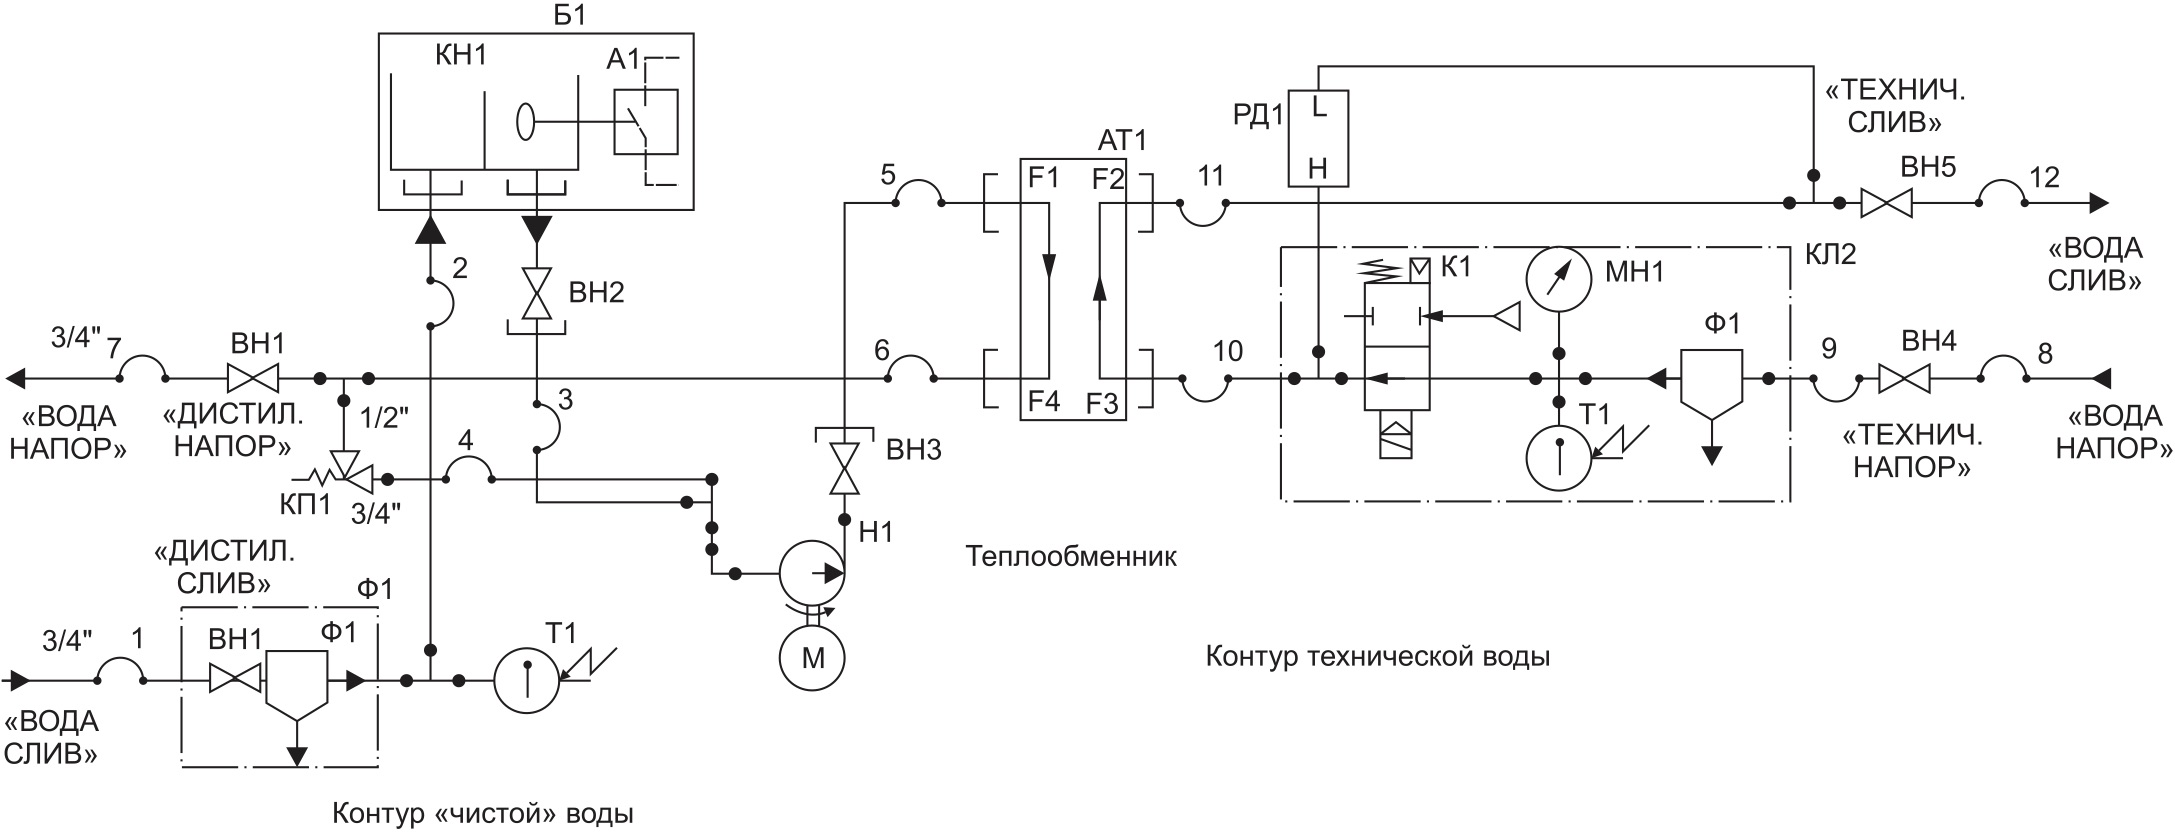 Гидравлическая схема двухконтурной станции оборотного водяного охлаждения